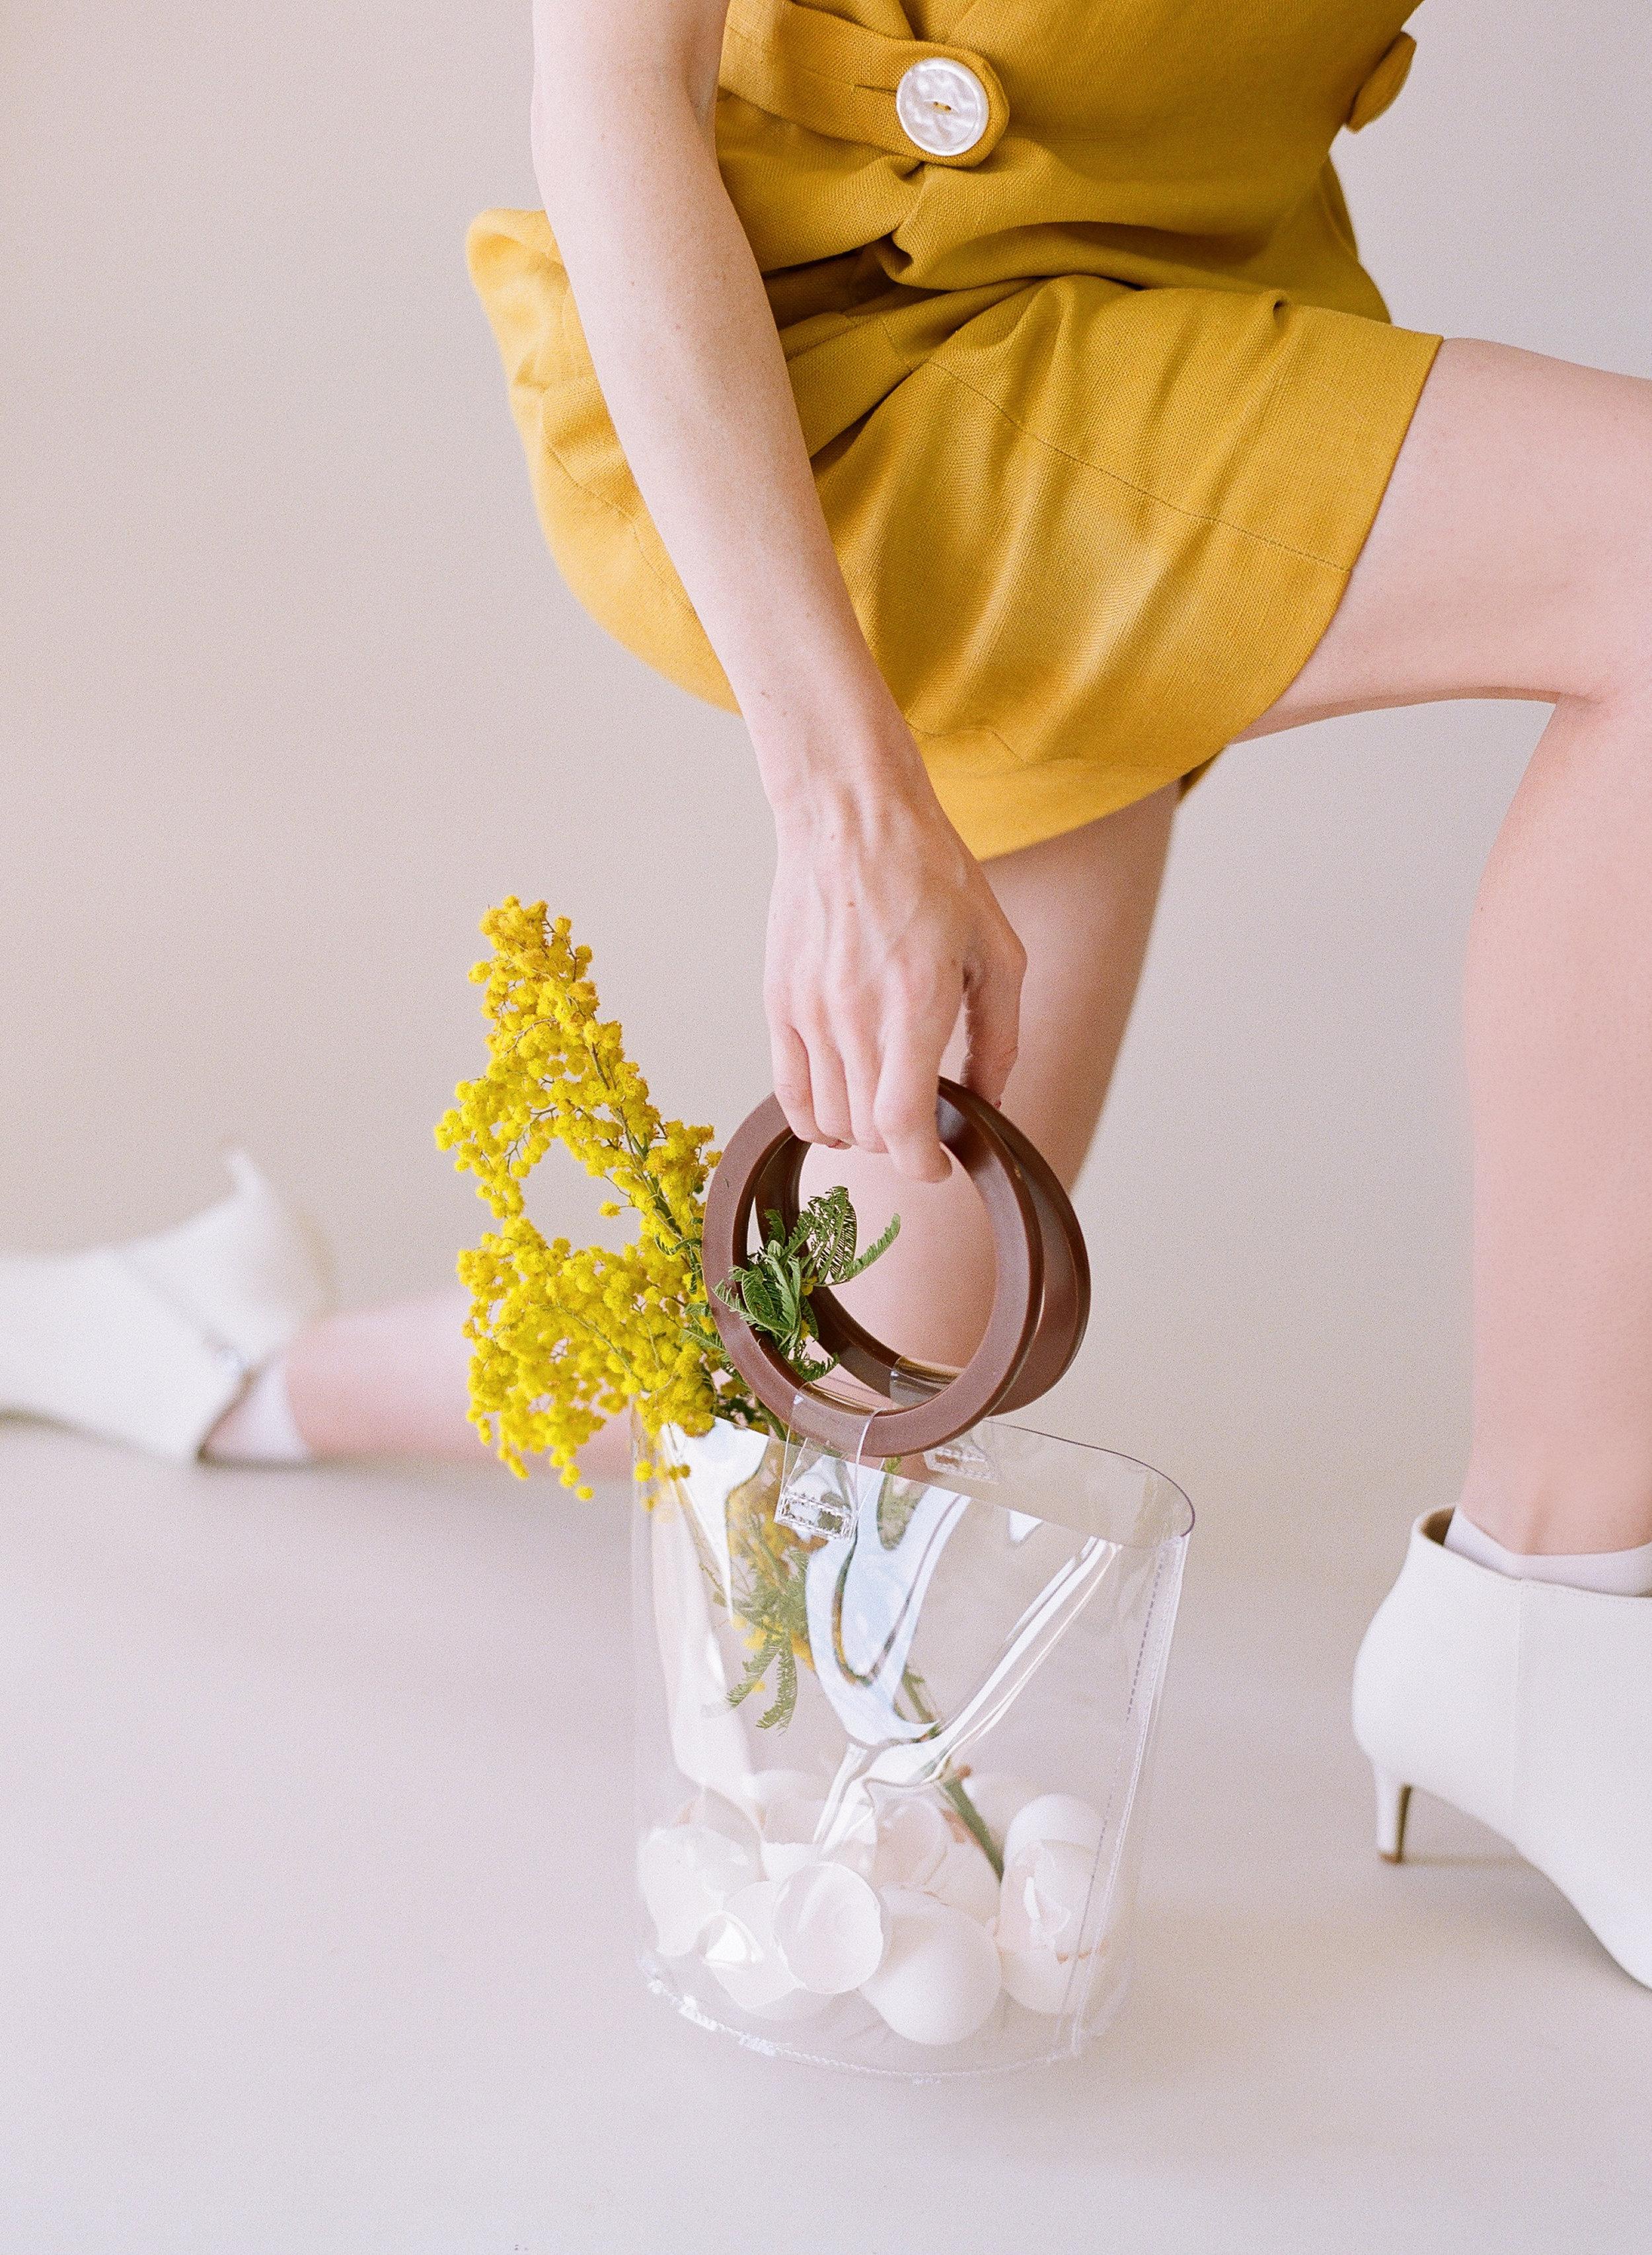 064_FriedEggs&Flowers.jpg